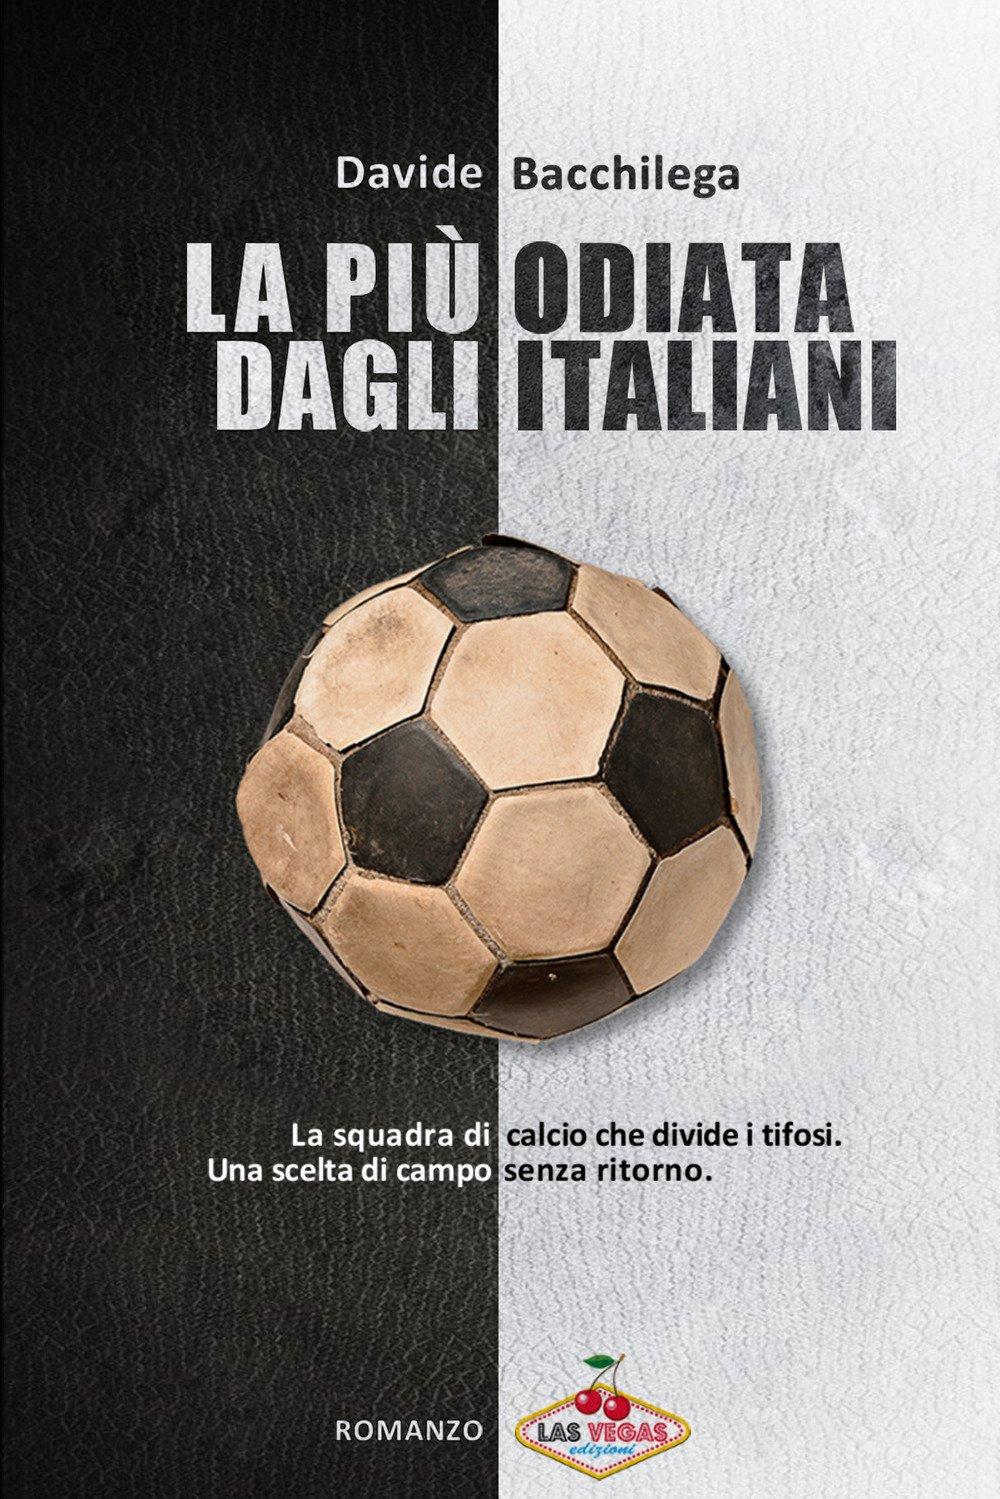 Davide Bacchilega, La più odiata dagli italiani, Las Vegas edizioni, una banda di cefali, recensione